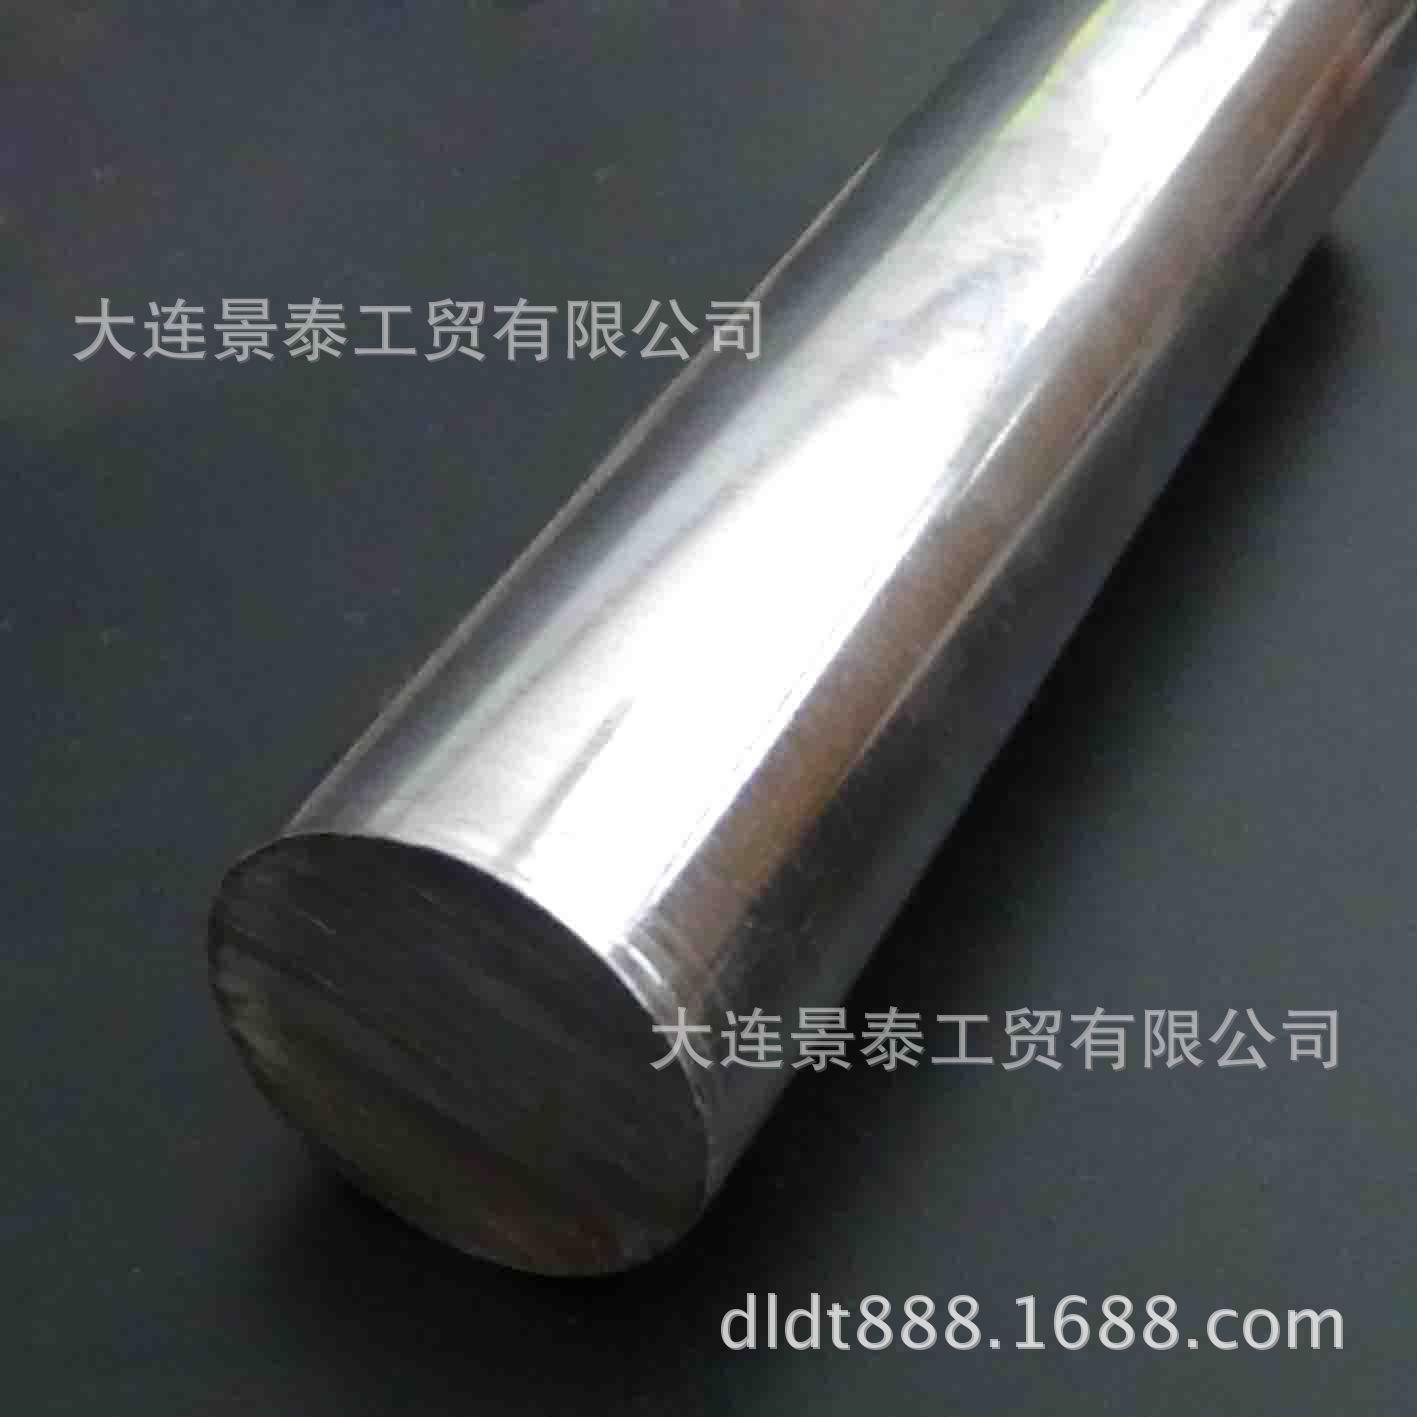 大连现货 批发供应6542高速钢棒 6542圆钢 强度高热塑性好 可切割